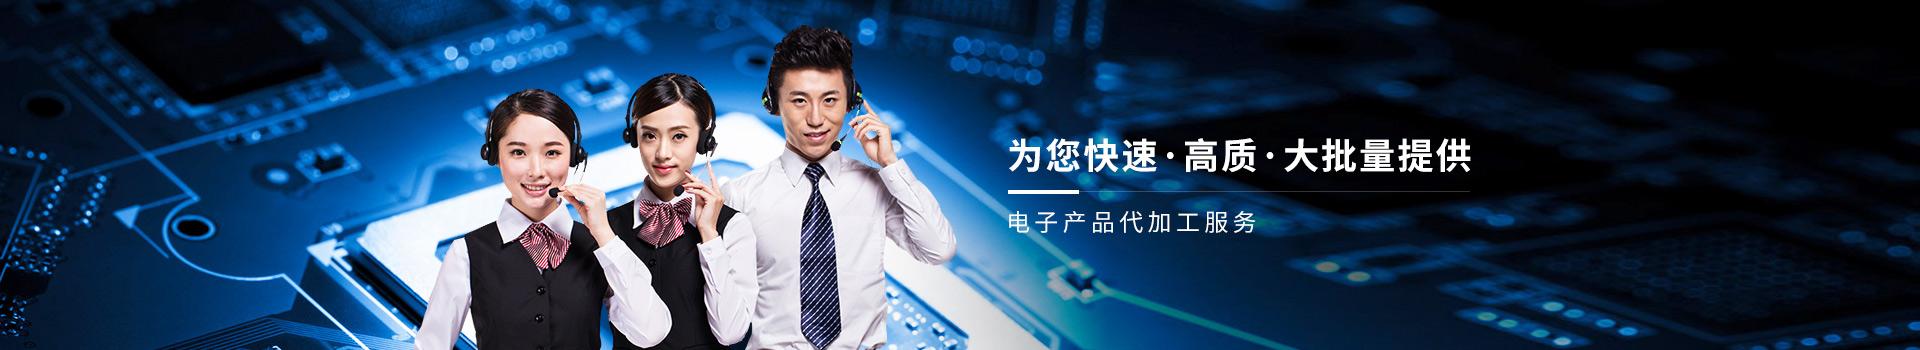 梧集电子,为您快速、高质、大批量提供电子产品代加工服务